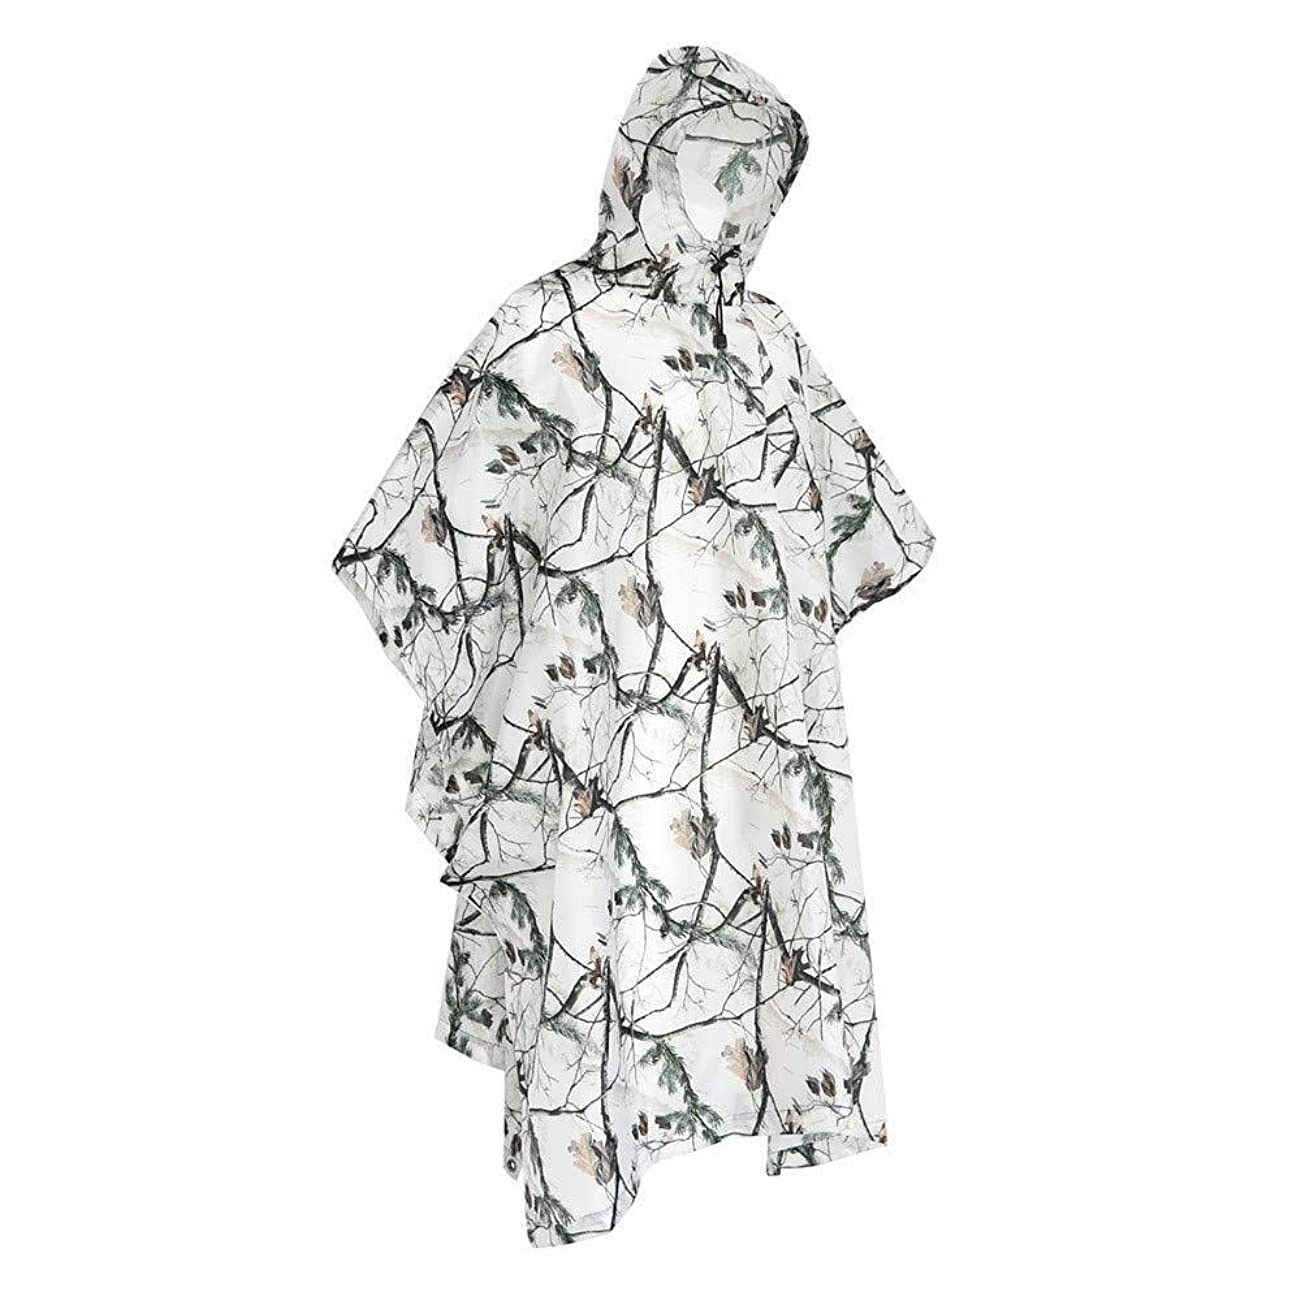 バング迷信通信網H.ZHOU 防水 レインコートレインコートの女性の防水レインジャケットフード付きポンチョスーツセット保護具 ユニセックス